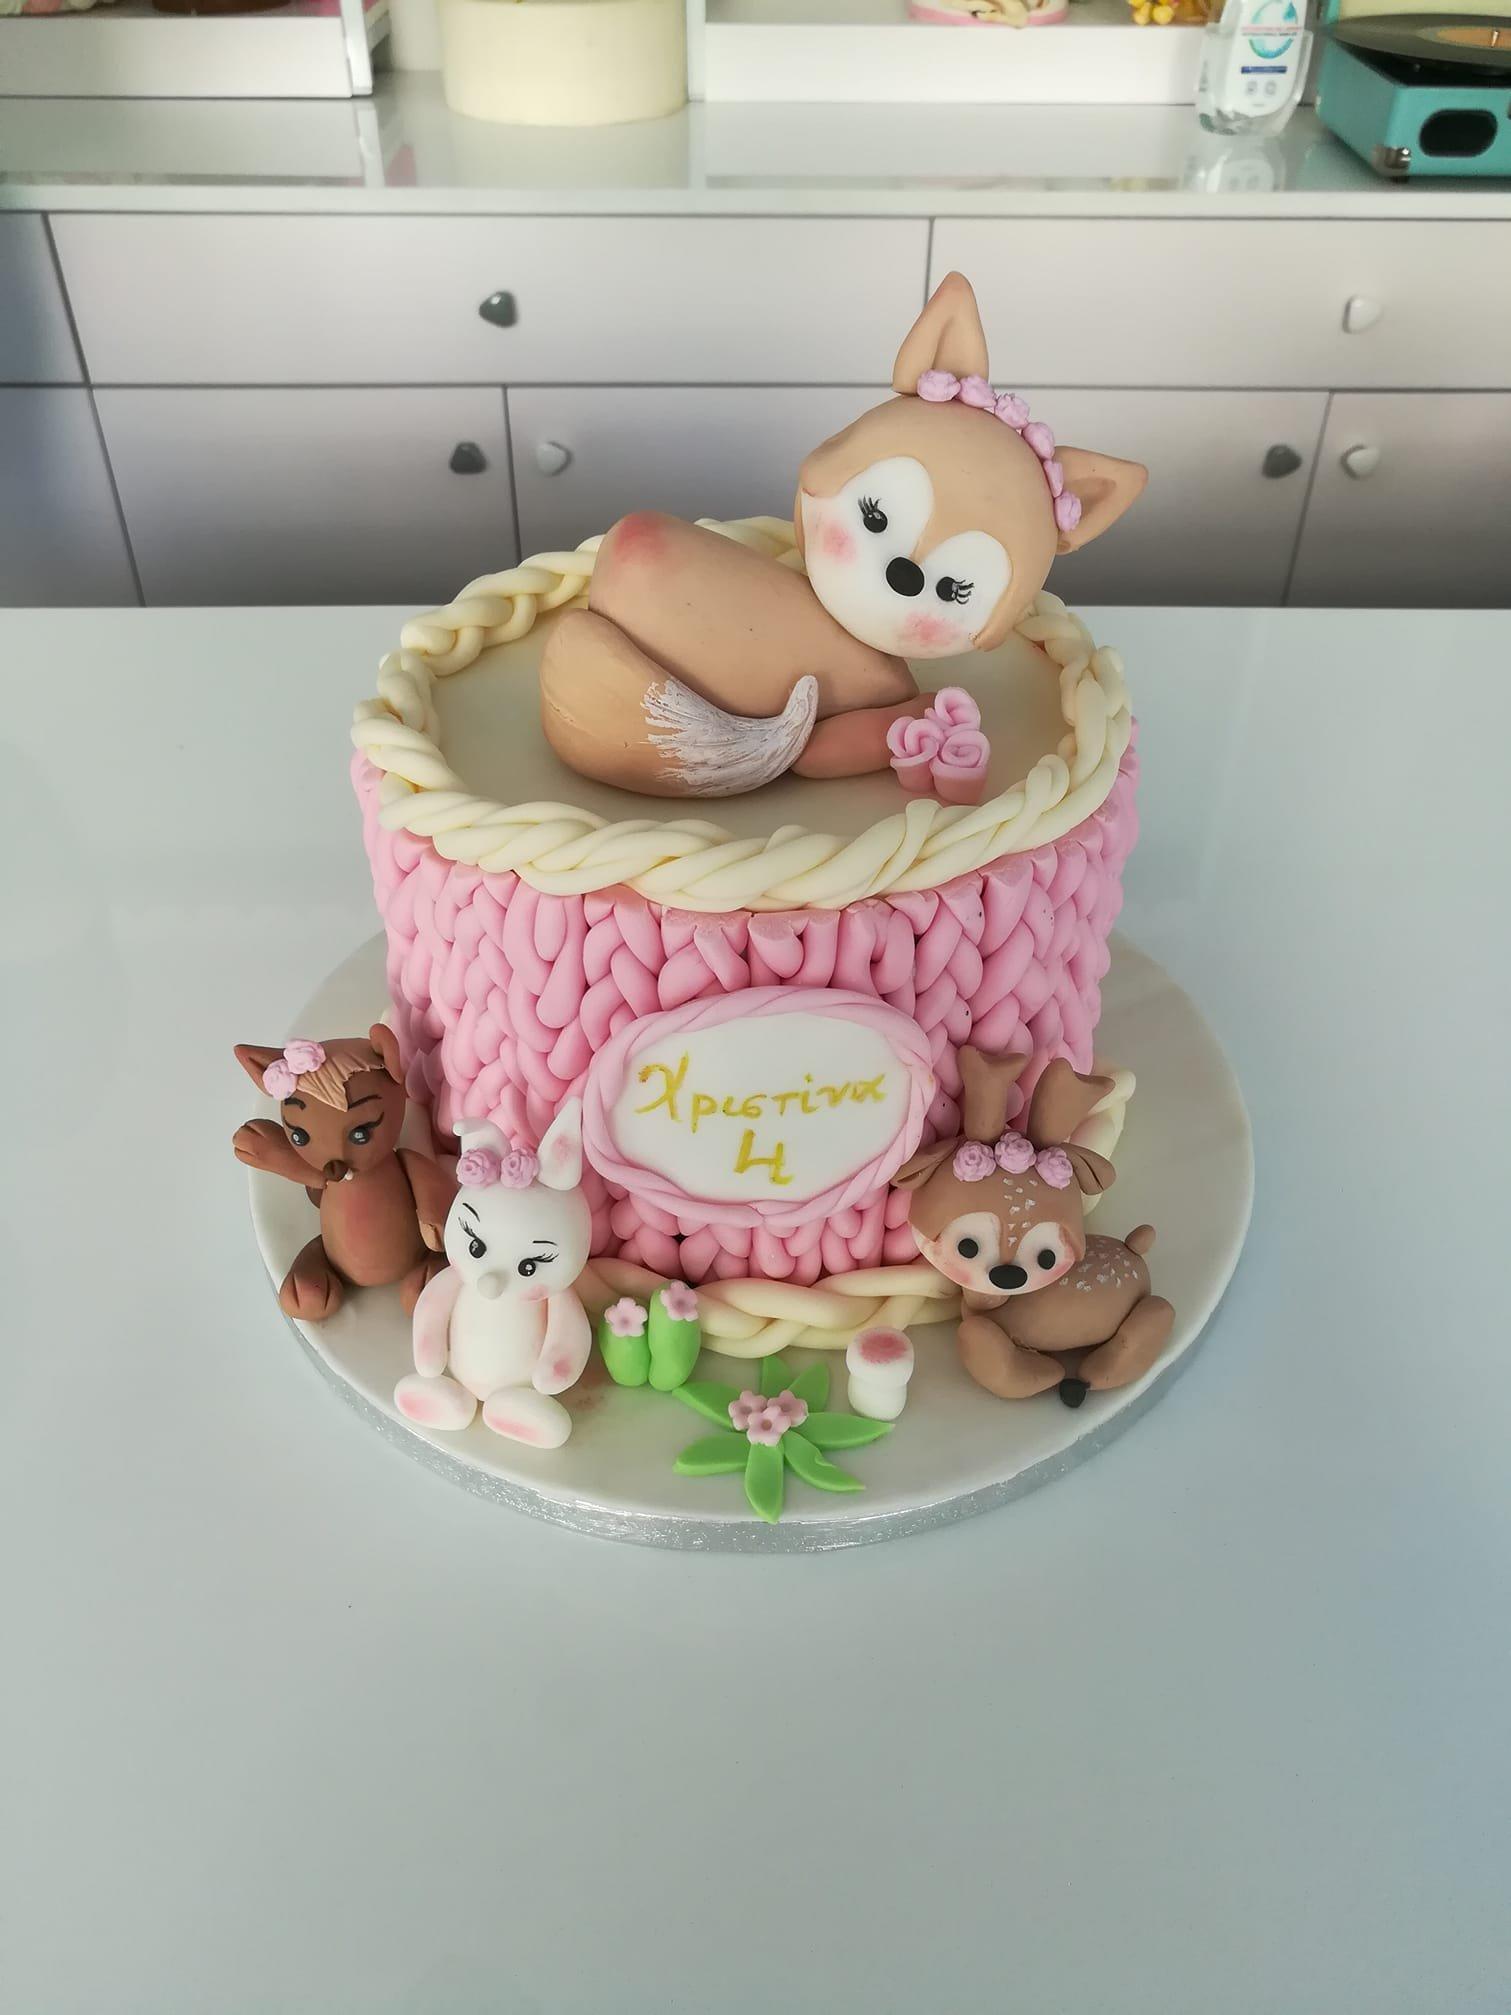 τούρτα από ζαχαρόπαστα αλεπού, fox themed cake, Ζαχαροπλαστεία στη Καλαμάτα madame charlotte, τούρτες γεννεθλίων γάμου βάπτησης παιδικές θεματικές birthday theme party cake 2d 3d confectionery patisserie kalamata